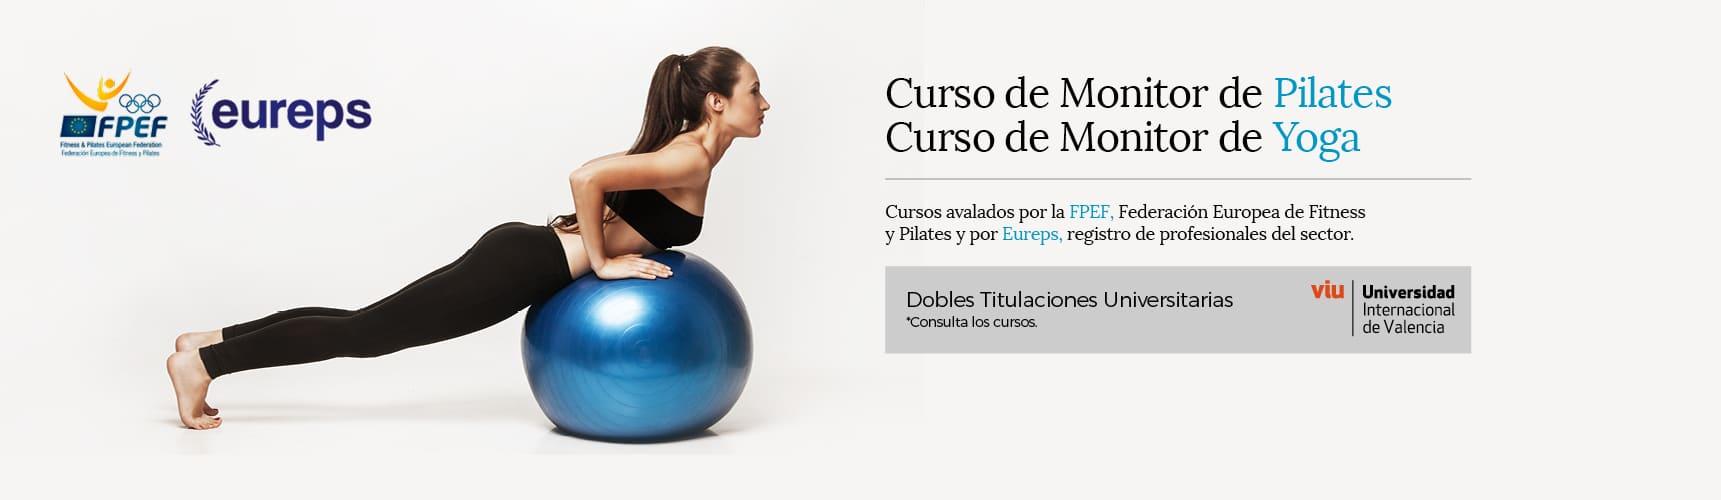 Cursos de Monitor de Yoga y Pilates